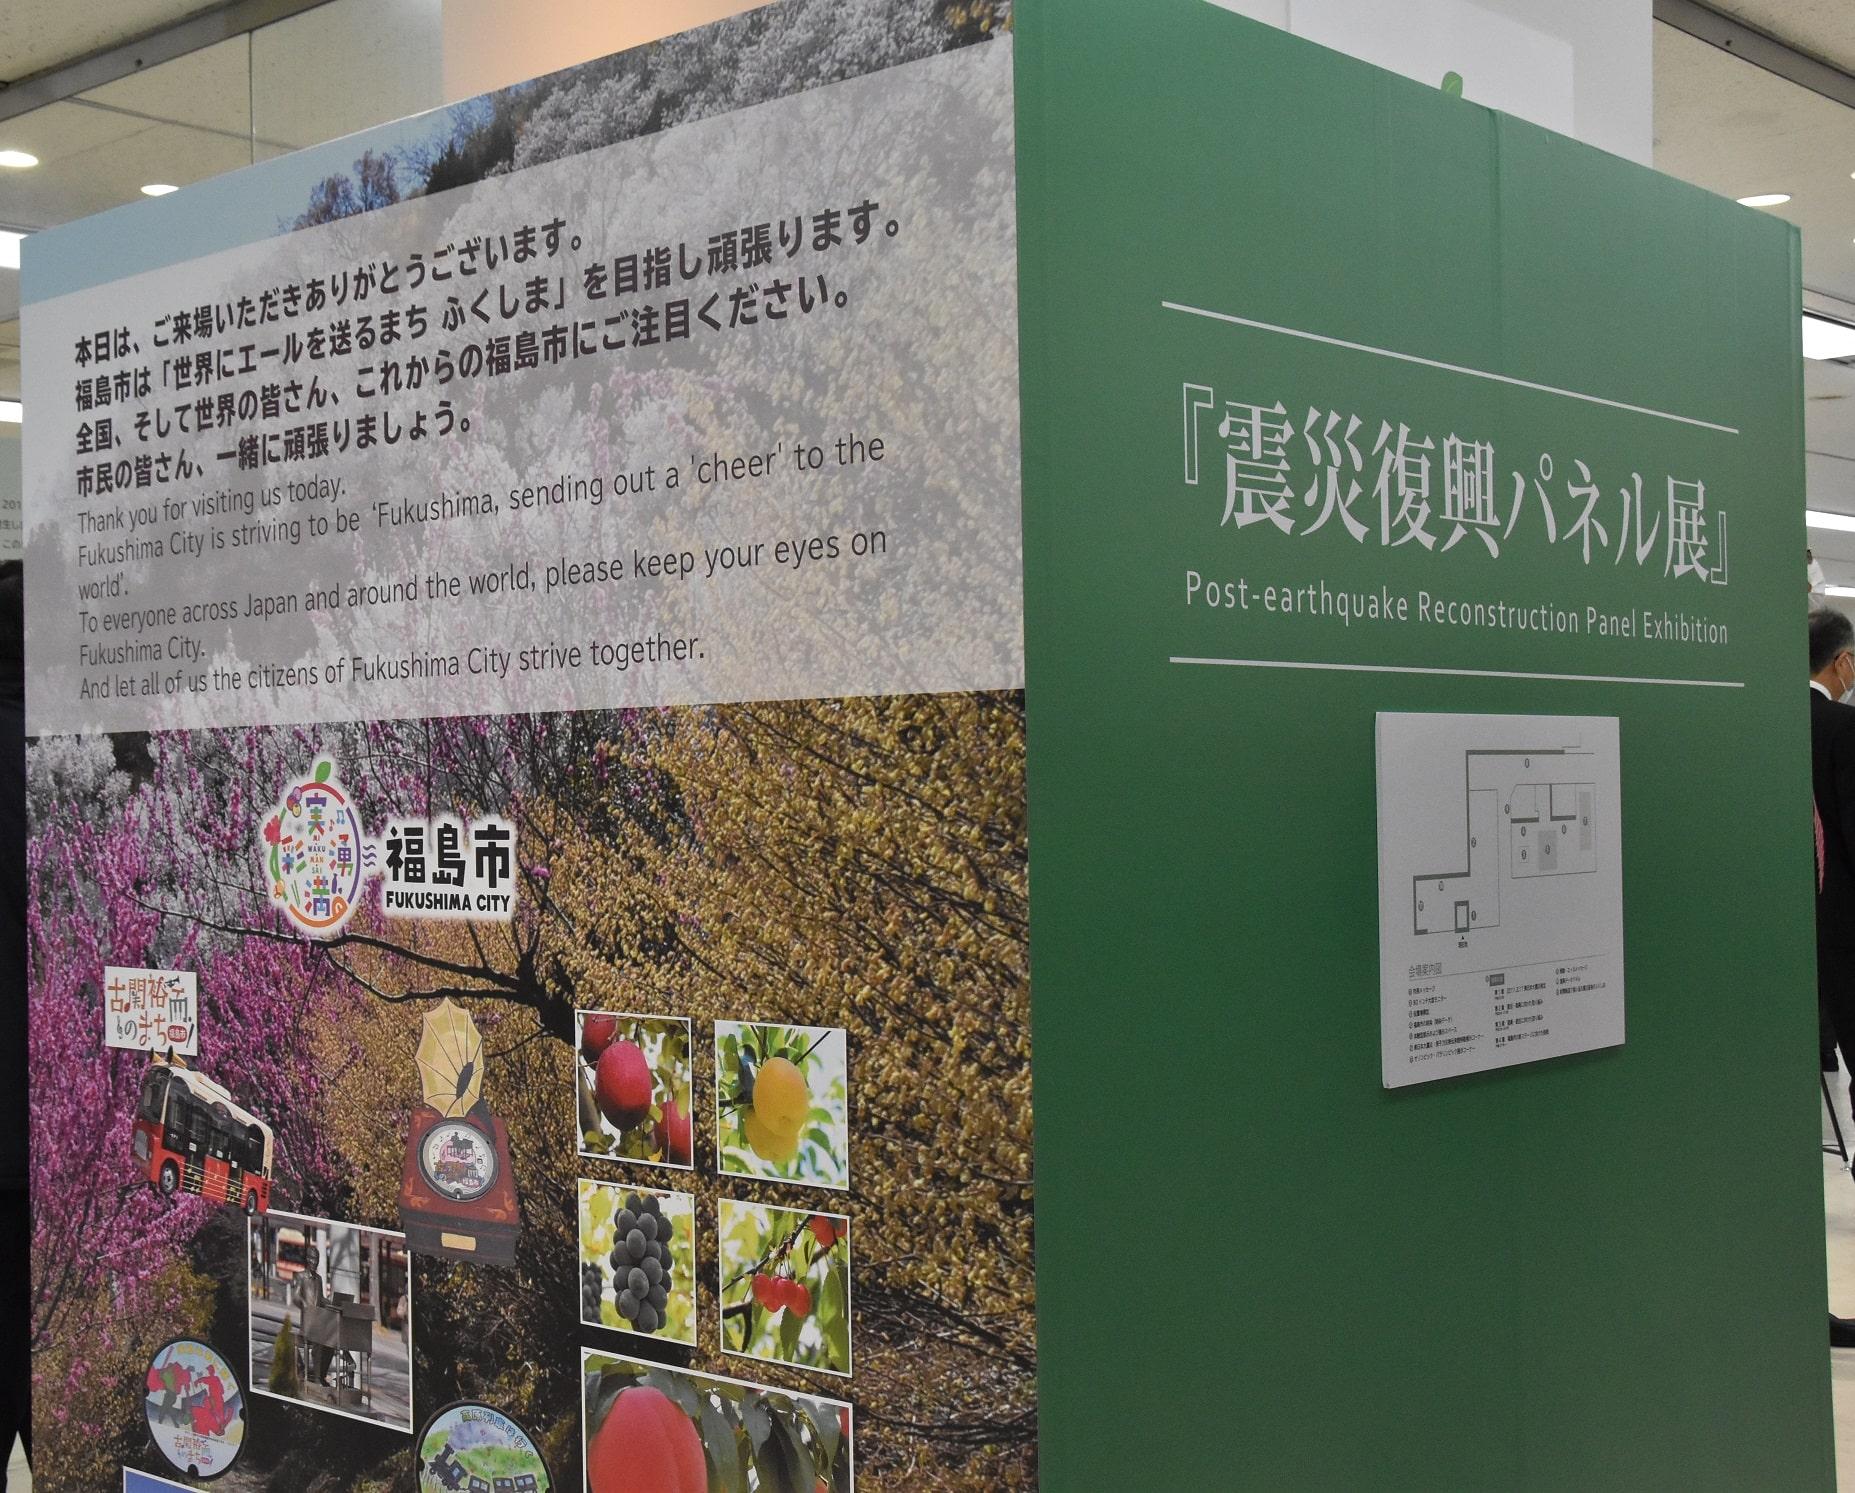 経験を、次世代へ。感謝と軌跡、元気になった福島を発信する「震災復興パネル展」